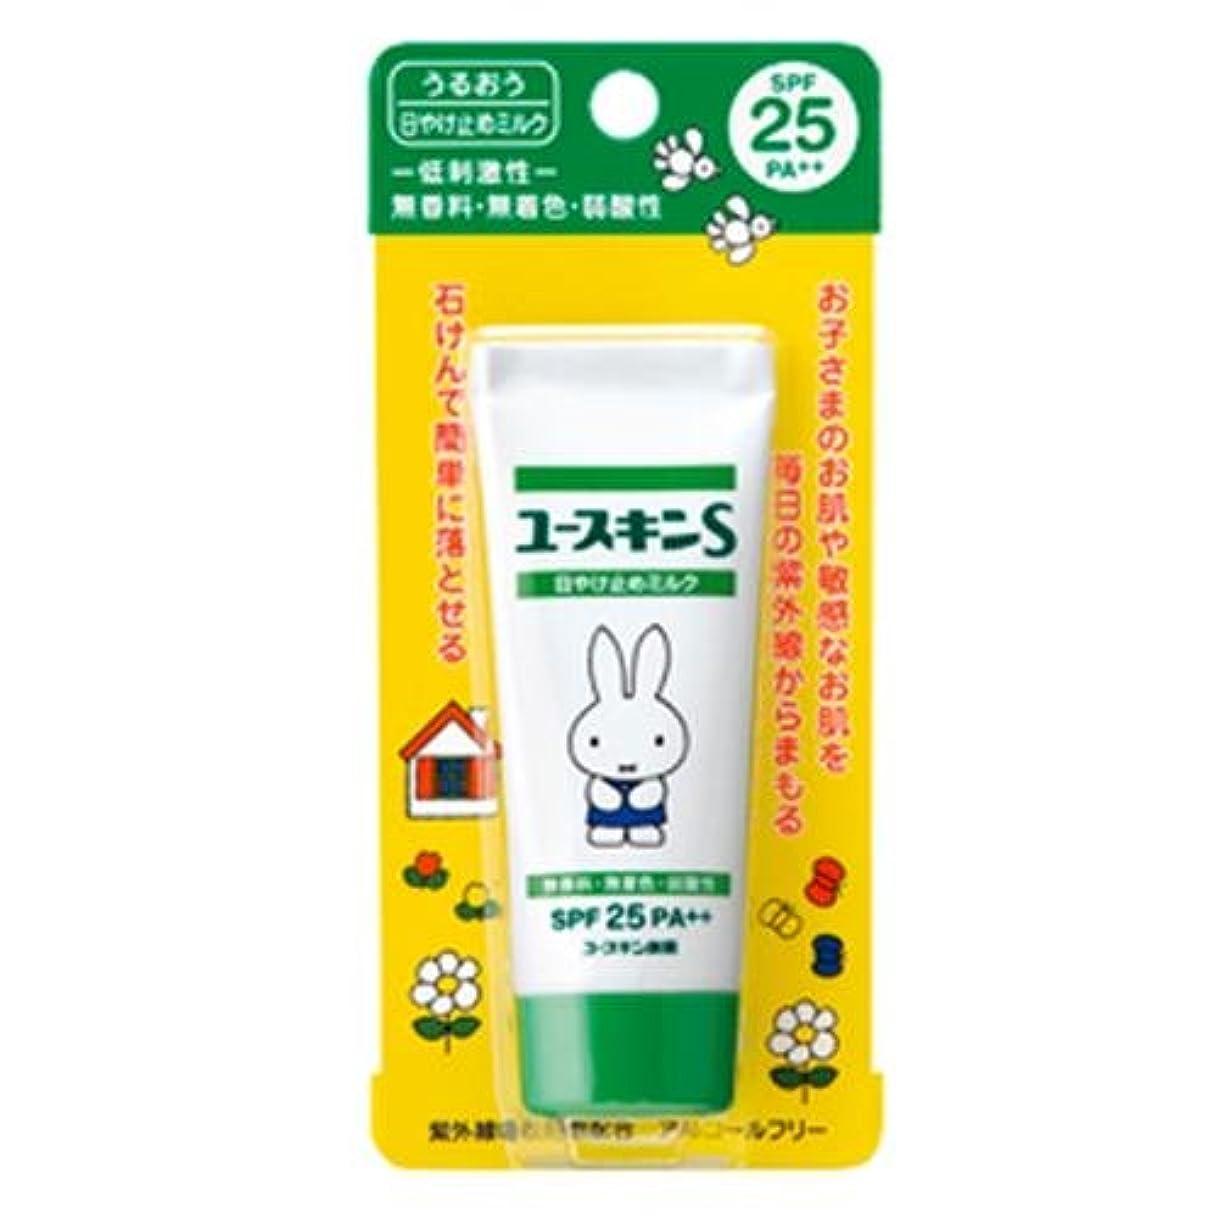 オピエート銀行グローバルユースキンS UVミルク SPF25 PA++ 40g (敏感肌用 日焼け止め)